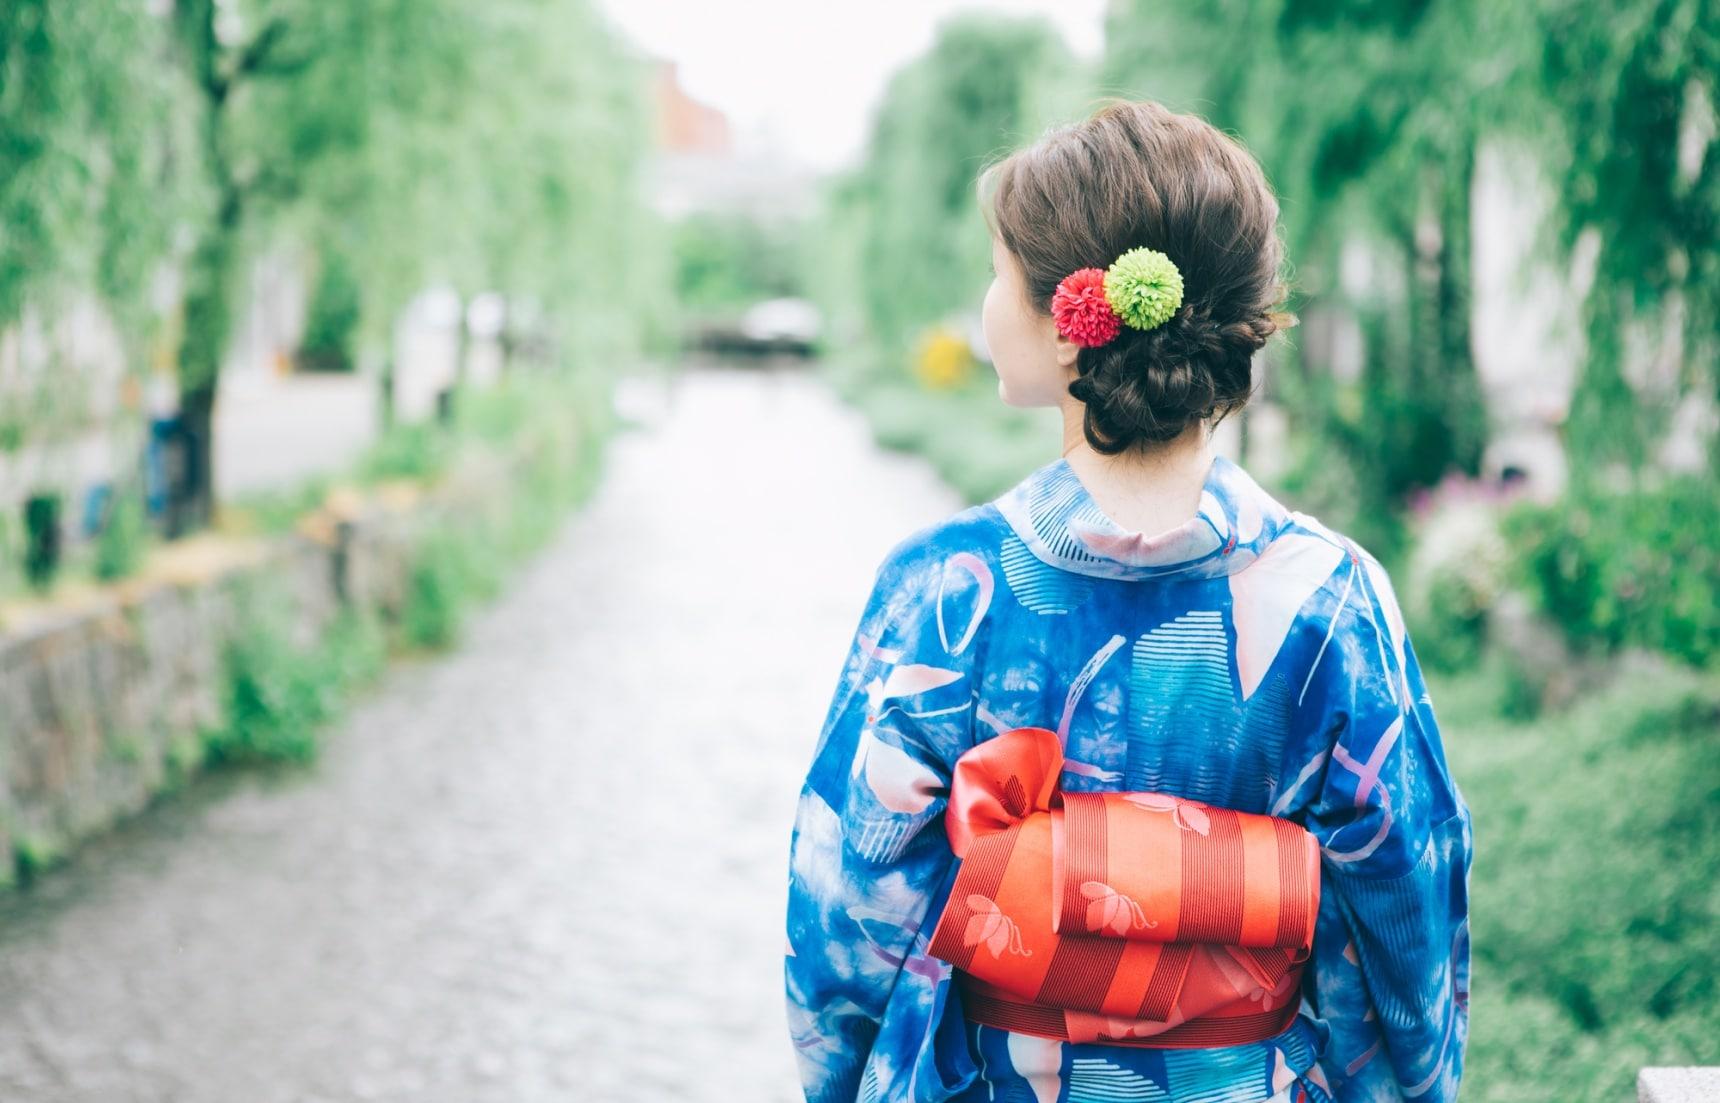 日本浴衣文化知多少?少了花火的渲染,今夏還是要穿上浴衣美一下!